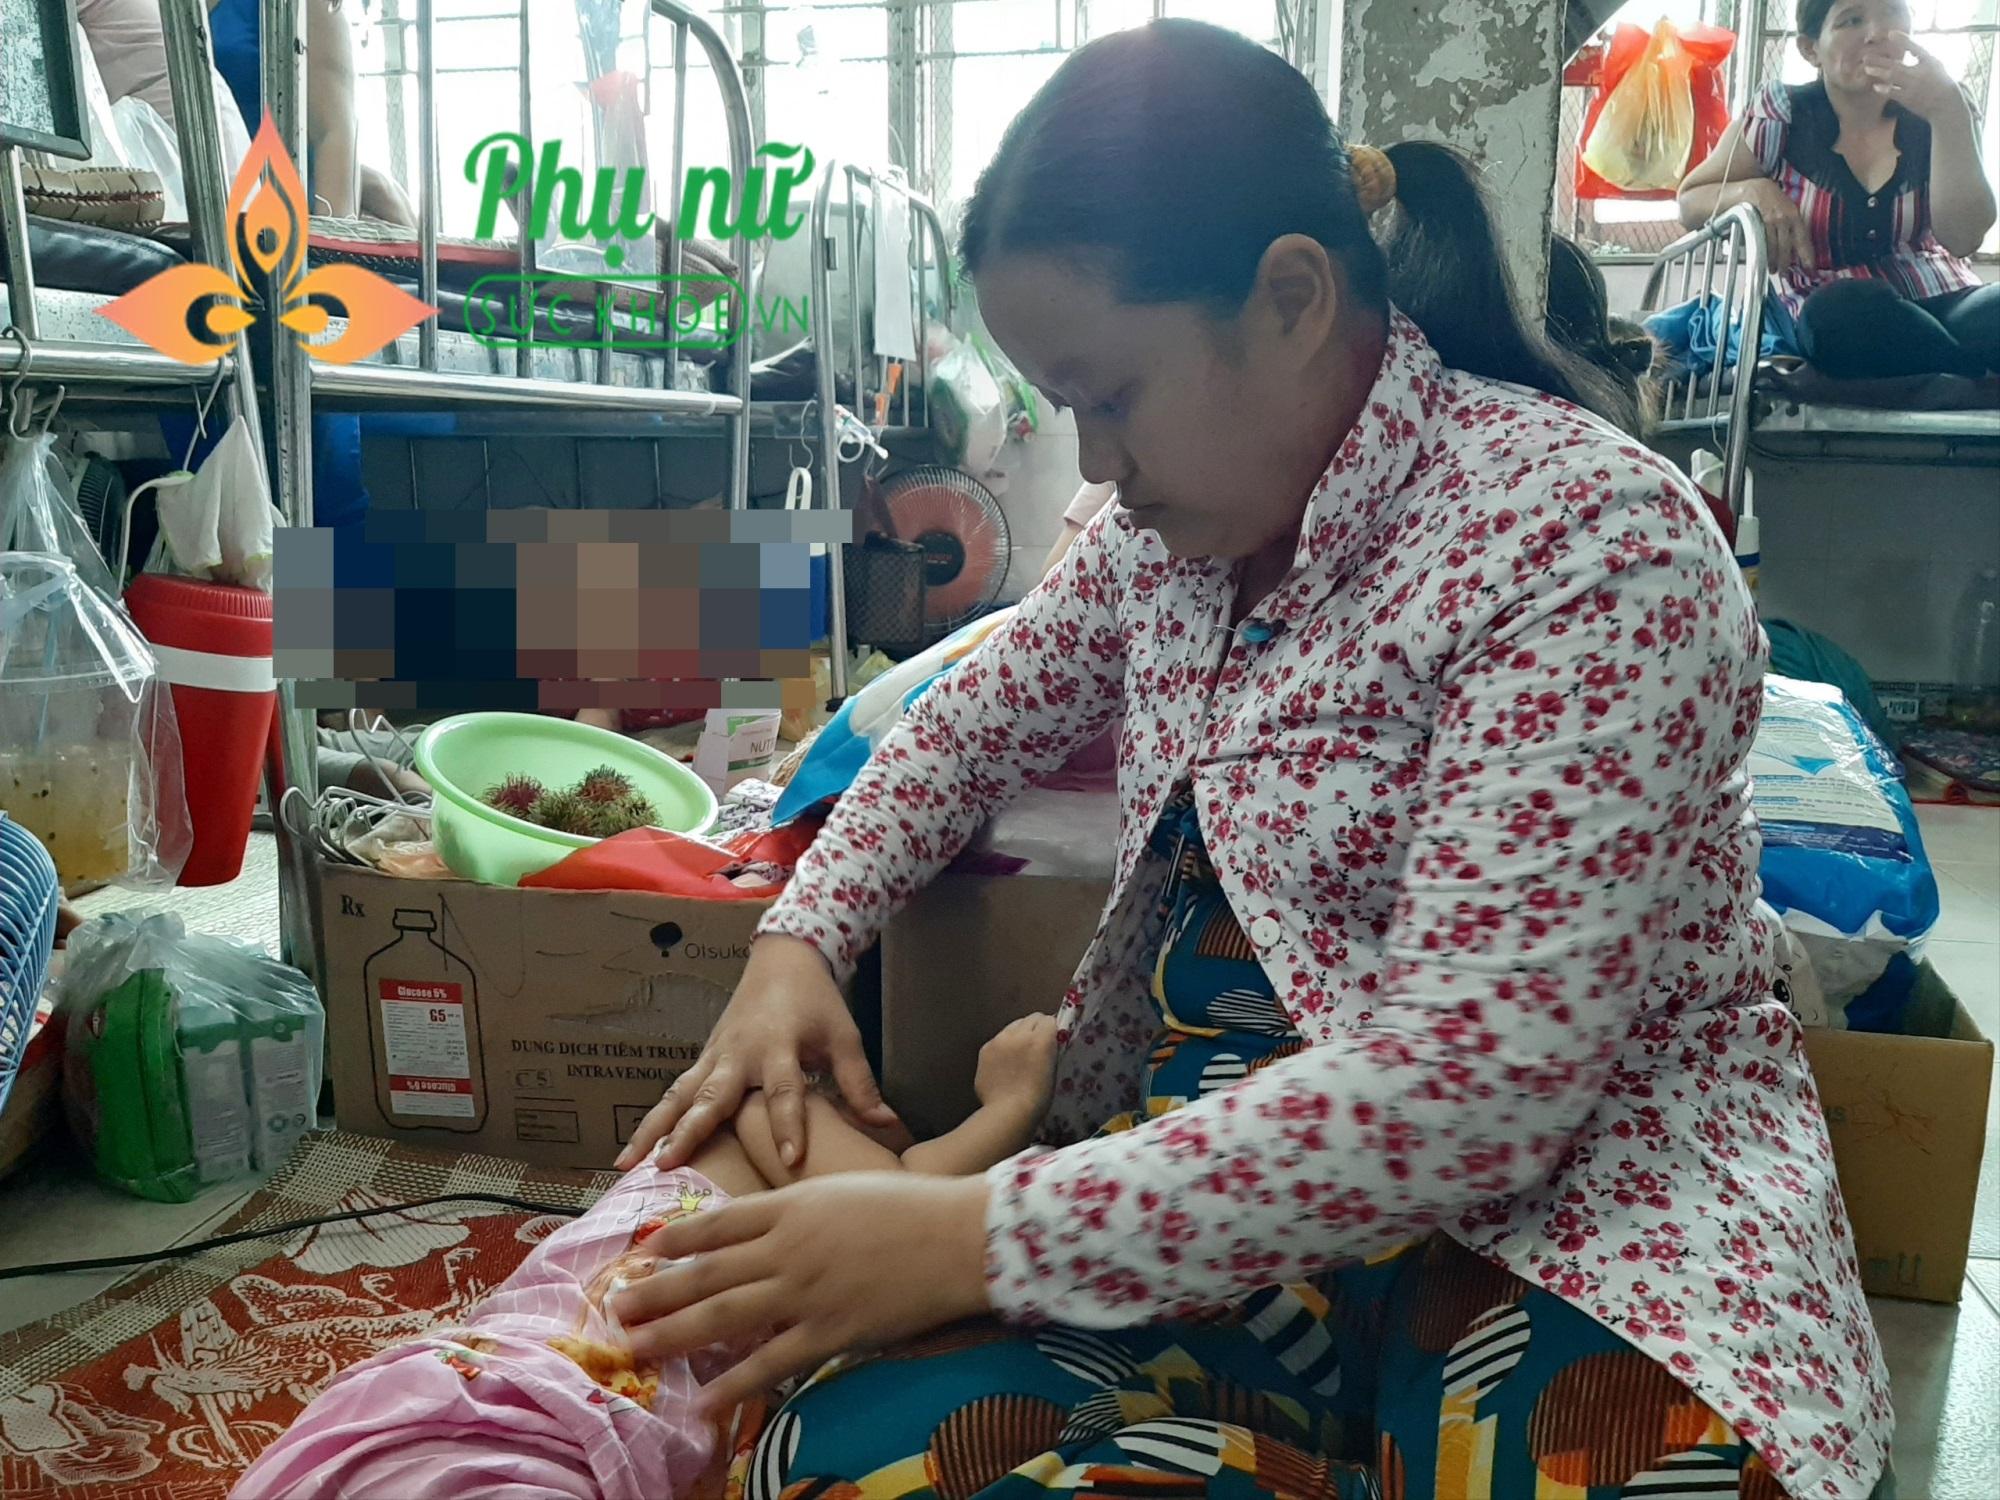 Thương cảnh người mẹ nghèo khổ đi xin từng đồng cứu lấy con gái 19 tháng tuổi bị ung thư máu - Ảnh 3